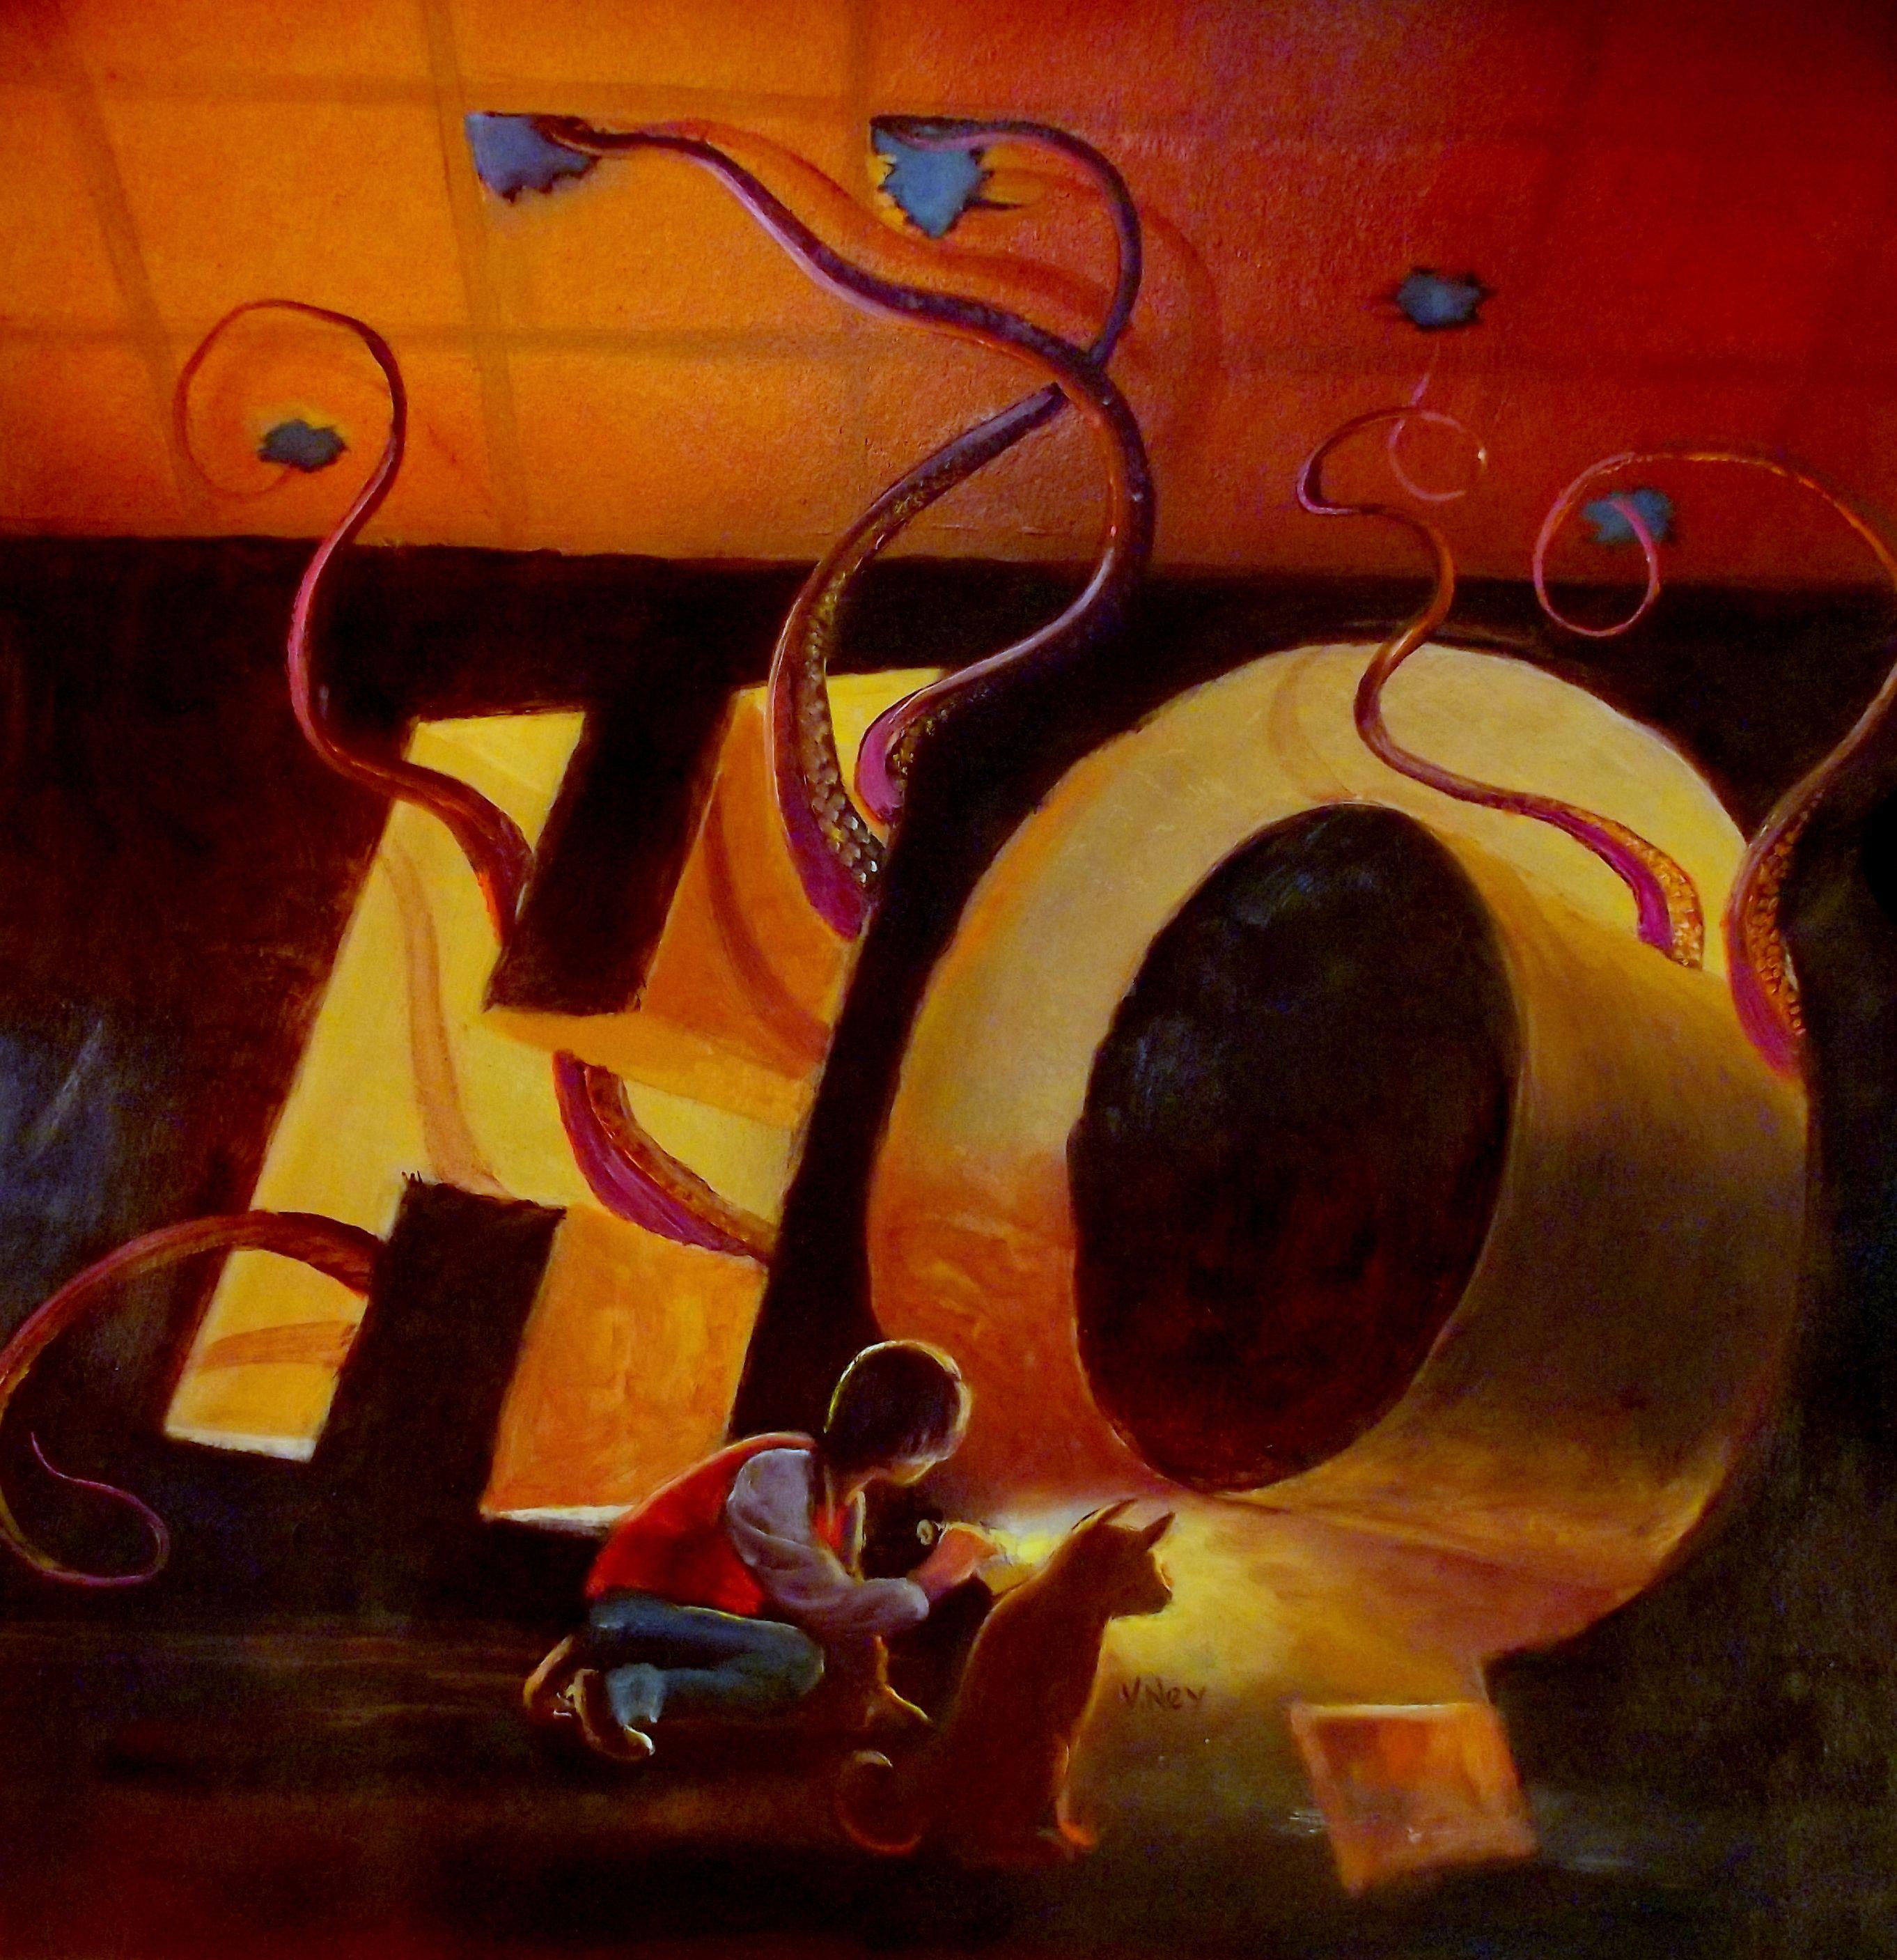 UM SEGUNDO ANTES DO PANICO http://volniney.blogspot.com.br/